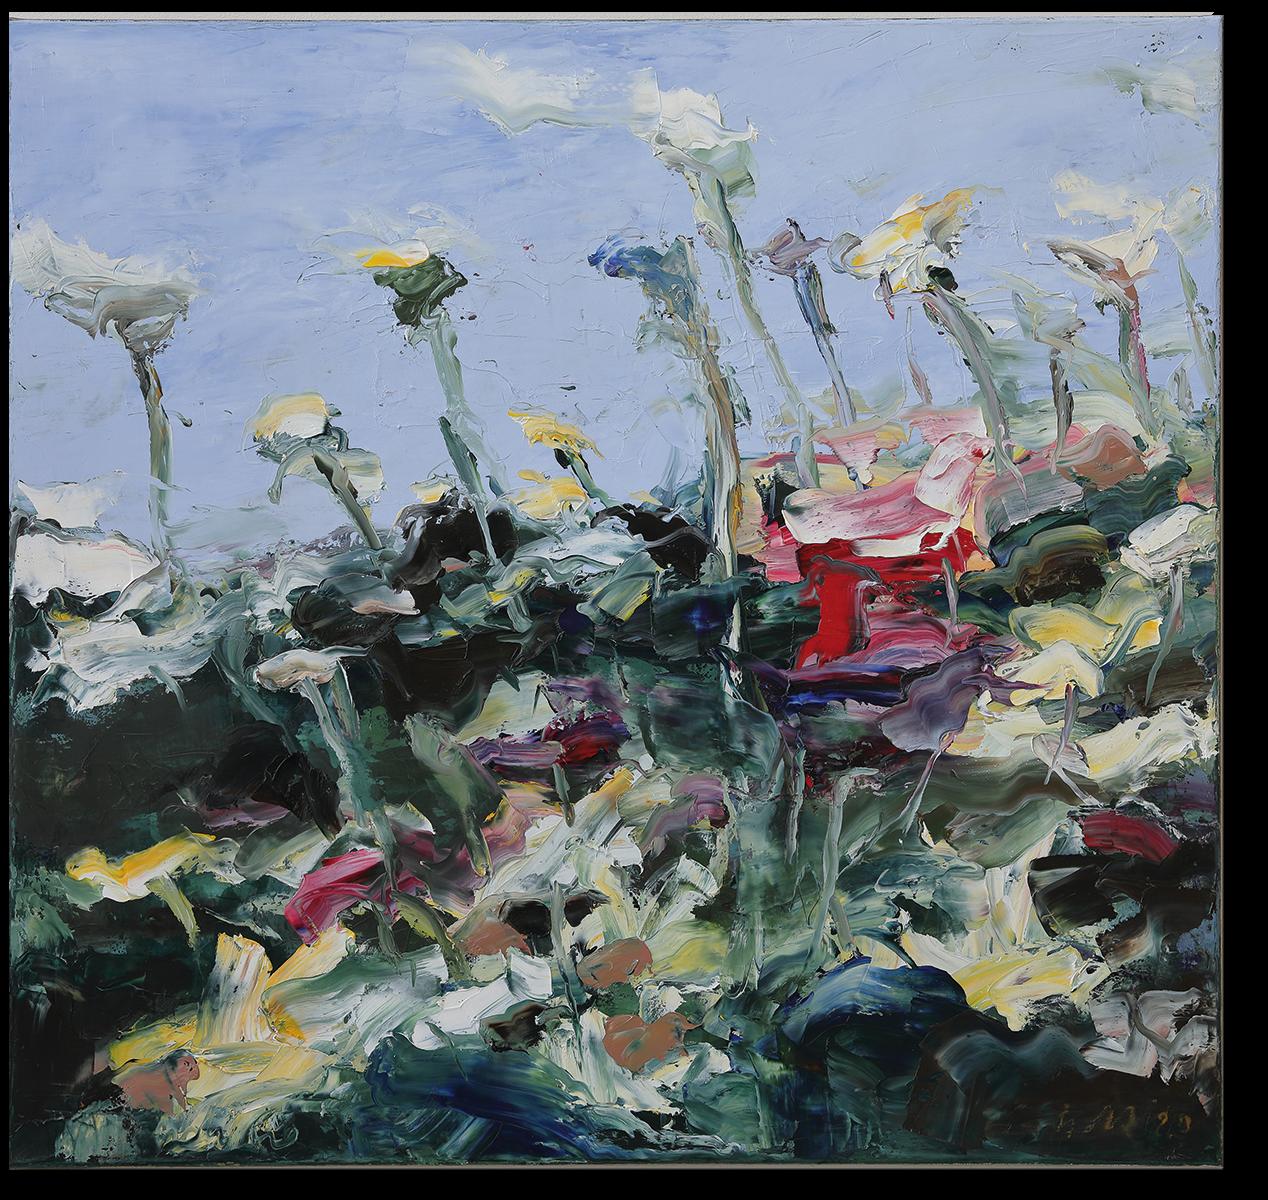 Il giardino | 2020 | Öl auf Leinwand | 80 x 85cm